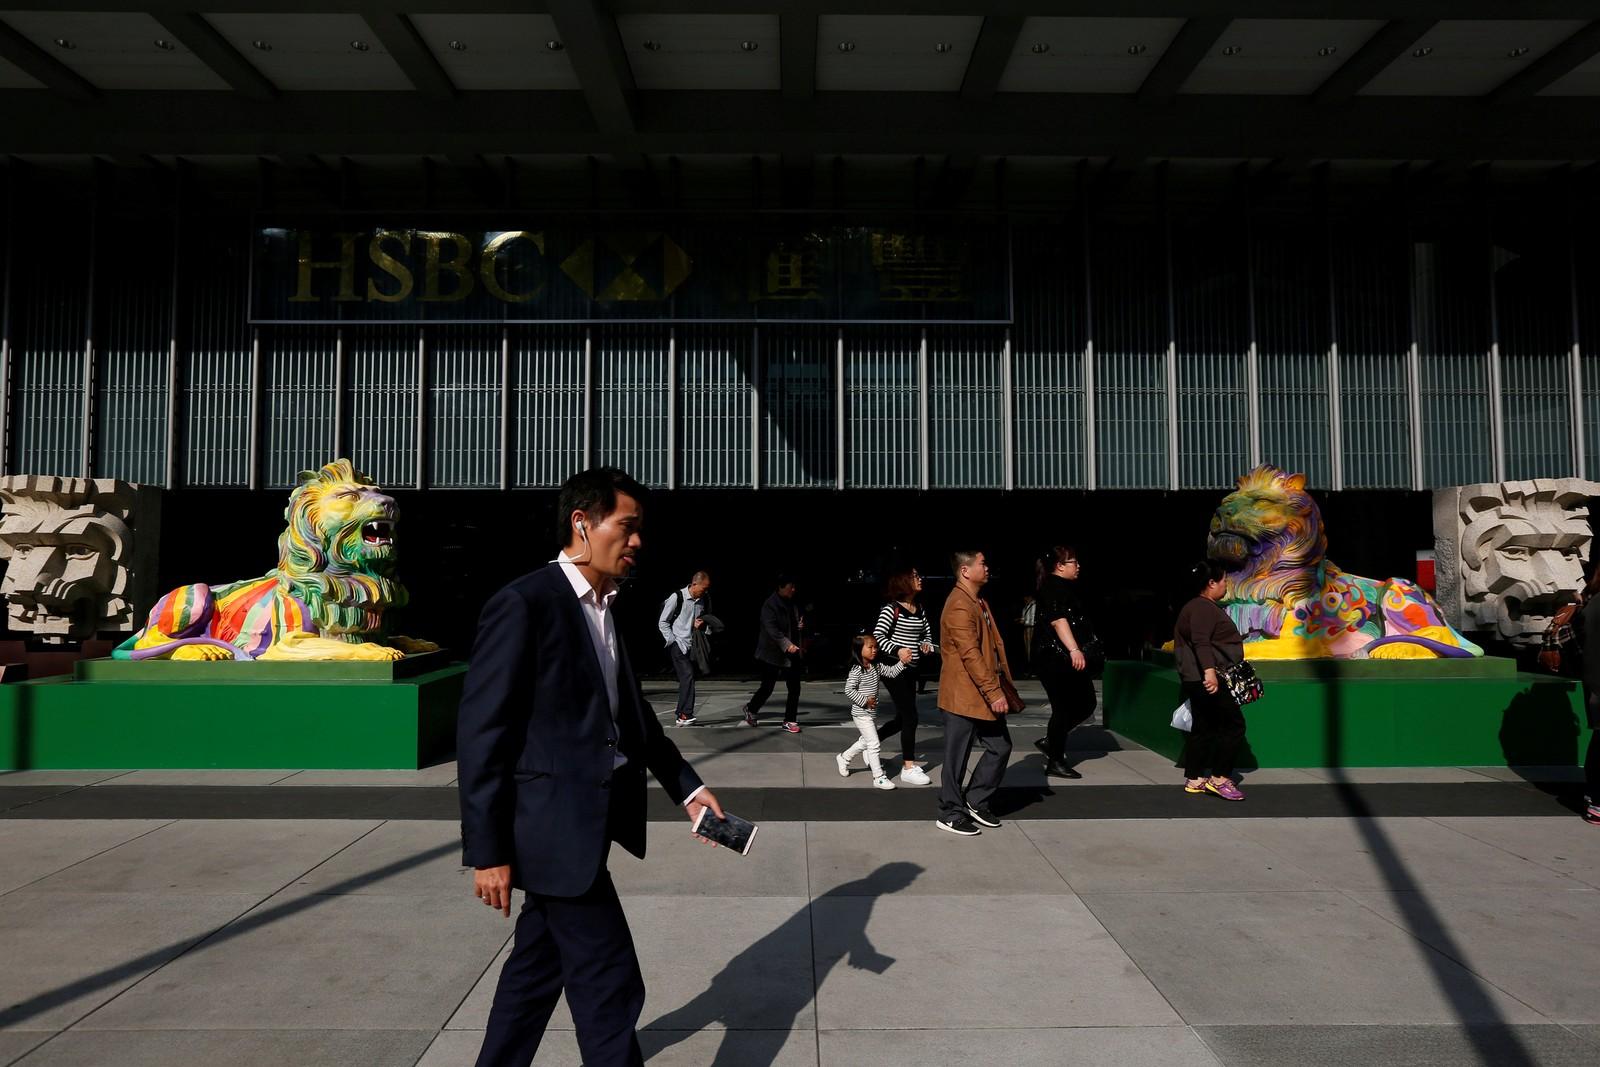 Com desistência do Rio, Hong Kong é escolhida como sede do Gay Games 2022